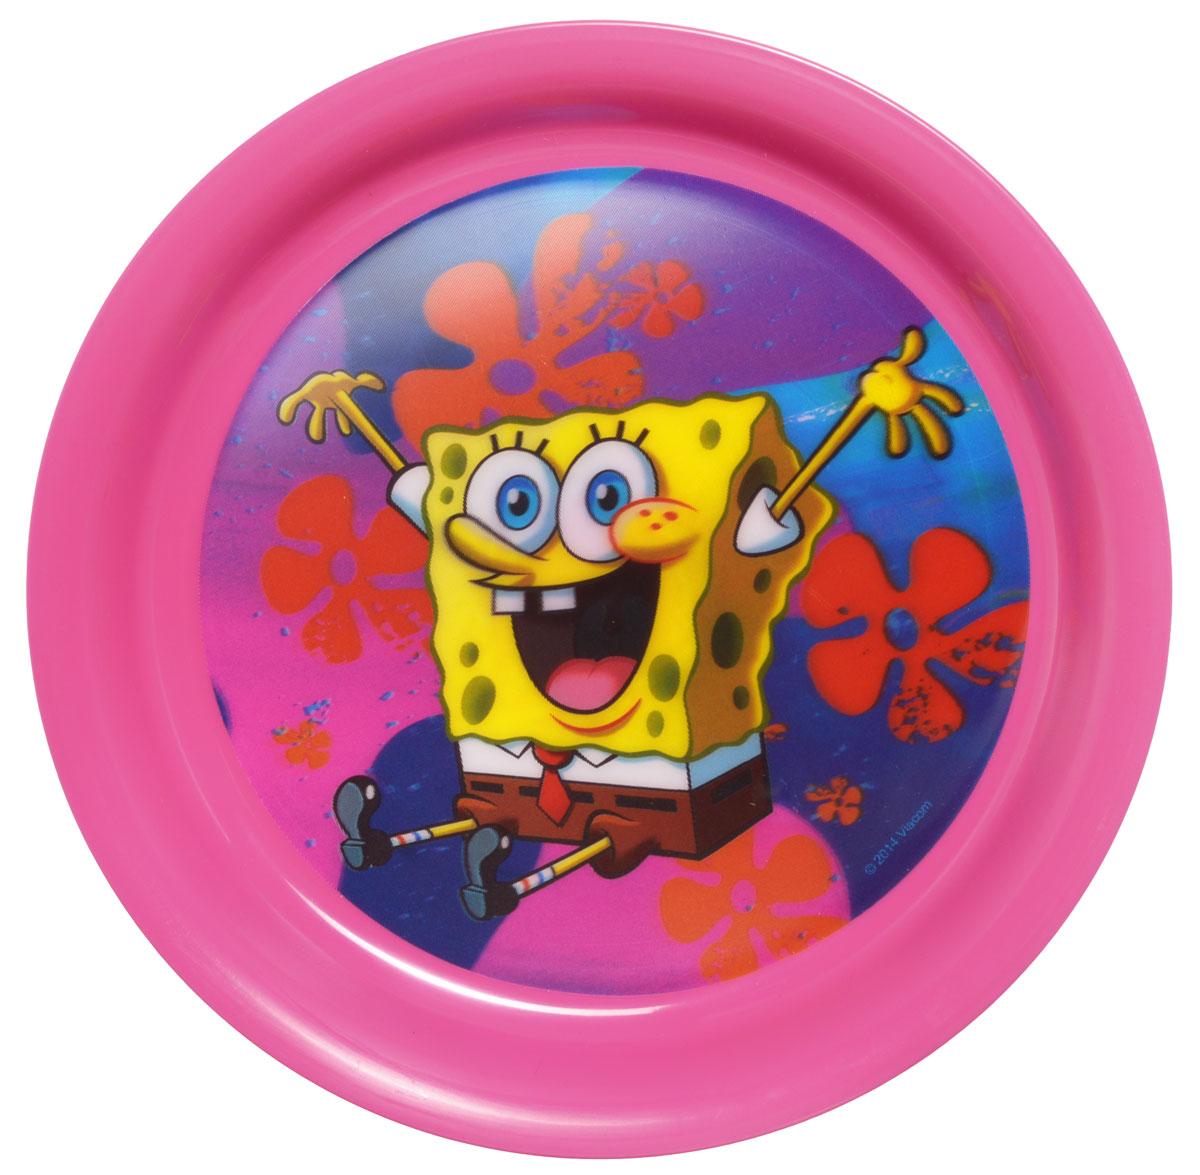 Губка Боб Тарелка детская 3D цвет розовый диаметр 19 смКРС-259Яркая тарелка Губка Боб с 3D рисунком идеально подойдет для кормления малыша и самостоятельного приема им пищи. Тарелка выполнена из безопасного полипропилена розового цвета, дно оформлено объемным изображением улыбающегося Губки Боба из одноименного мультсериала. Такой подарок станет не только приятным, но и практичным сувениром, добавит ярких эмоций вашему ребенку! Не предназначено для использования в СВЧ-печи и посудомоечной машине.